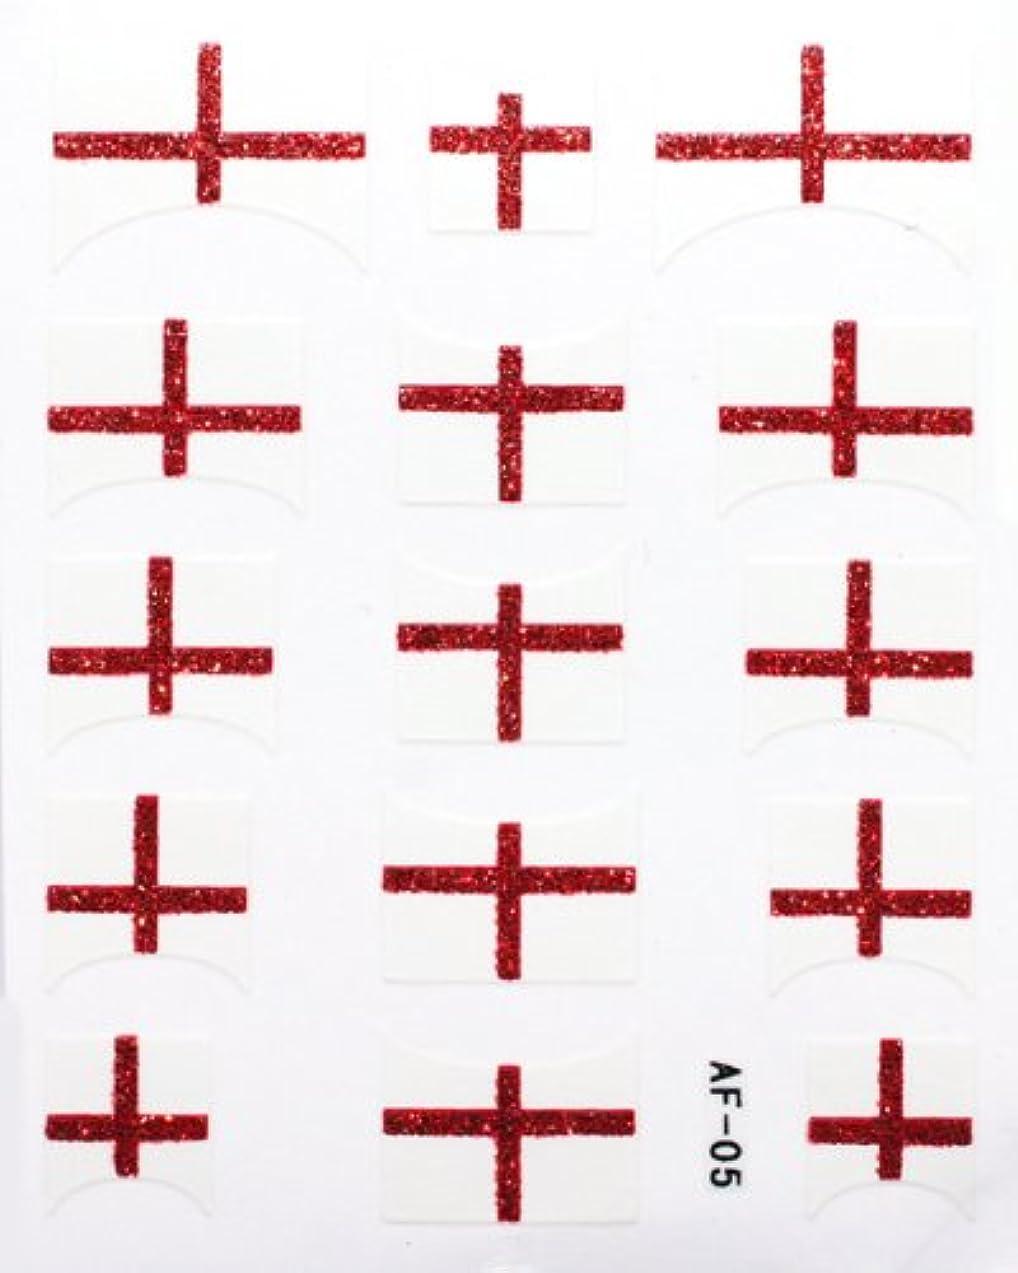 マインド凍結不愉快きらきら逆フレンチネイルシール イングランド国旗 AF05 貼るだけ ジェルネイルアート